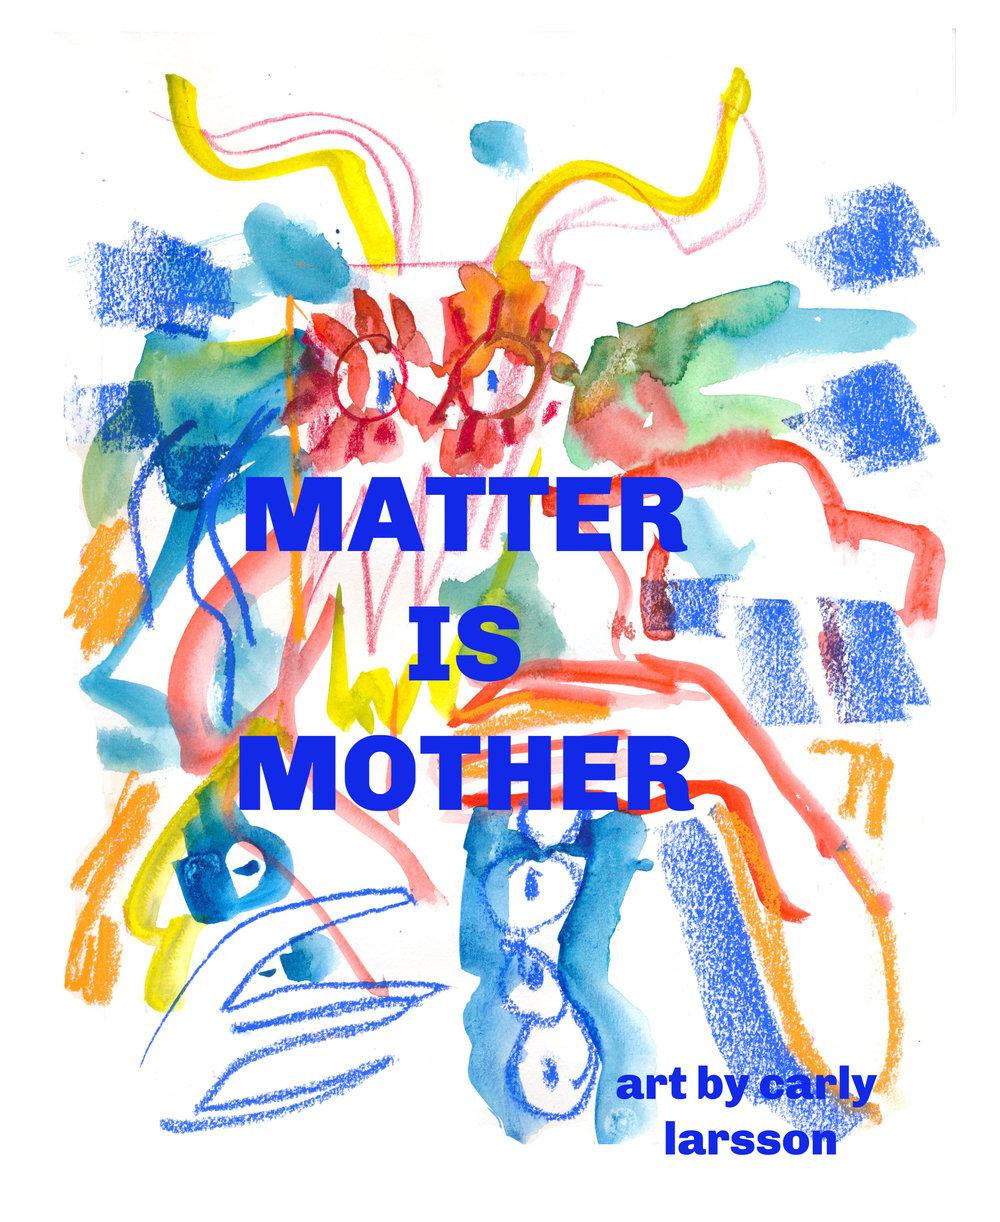 Matter is Mother 3 (1).jpg